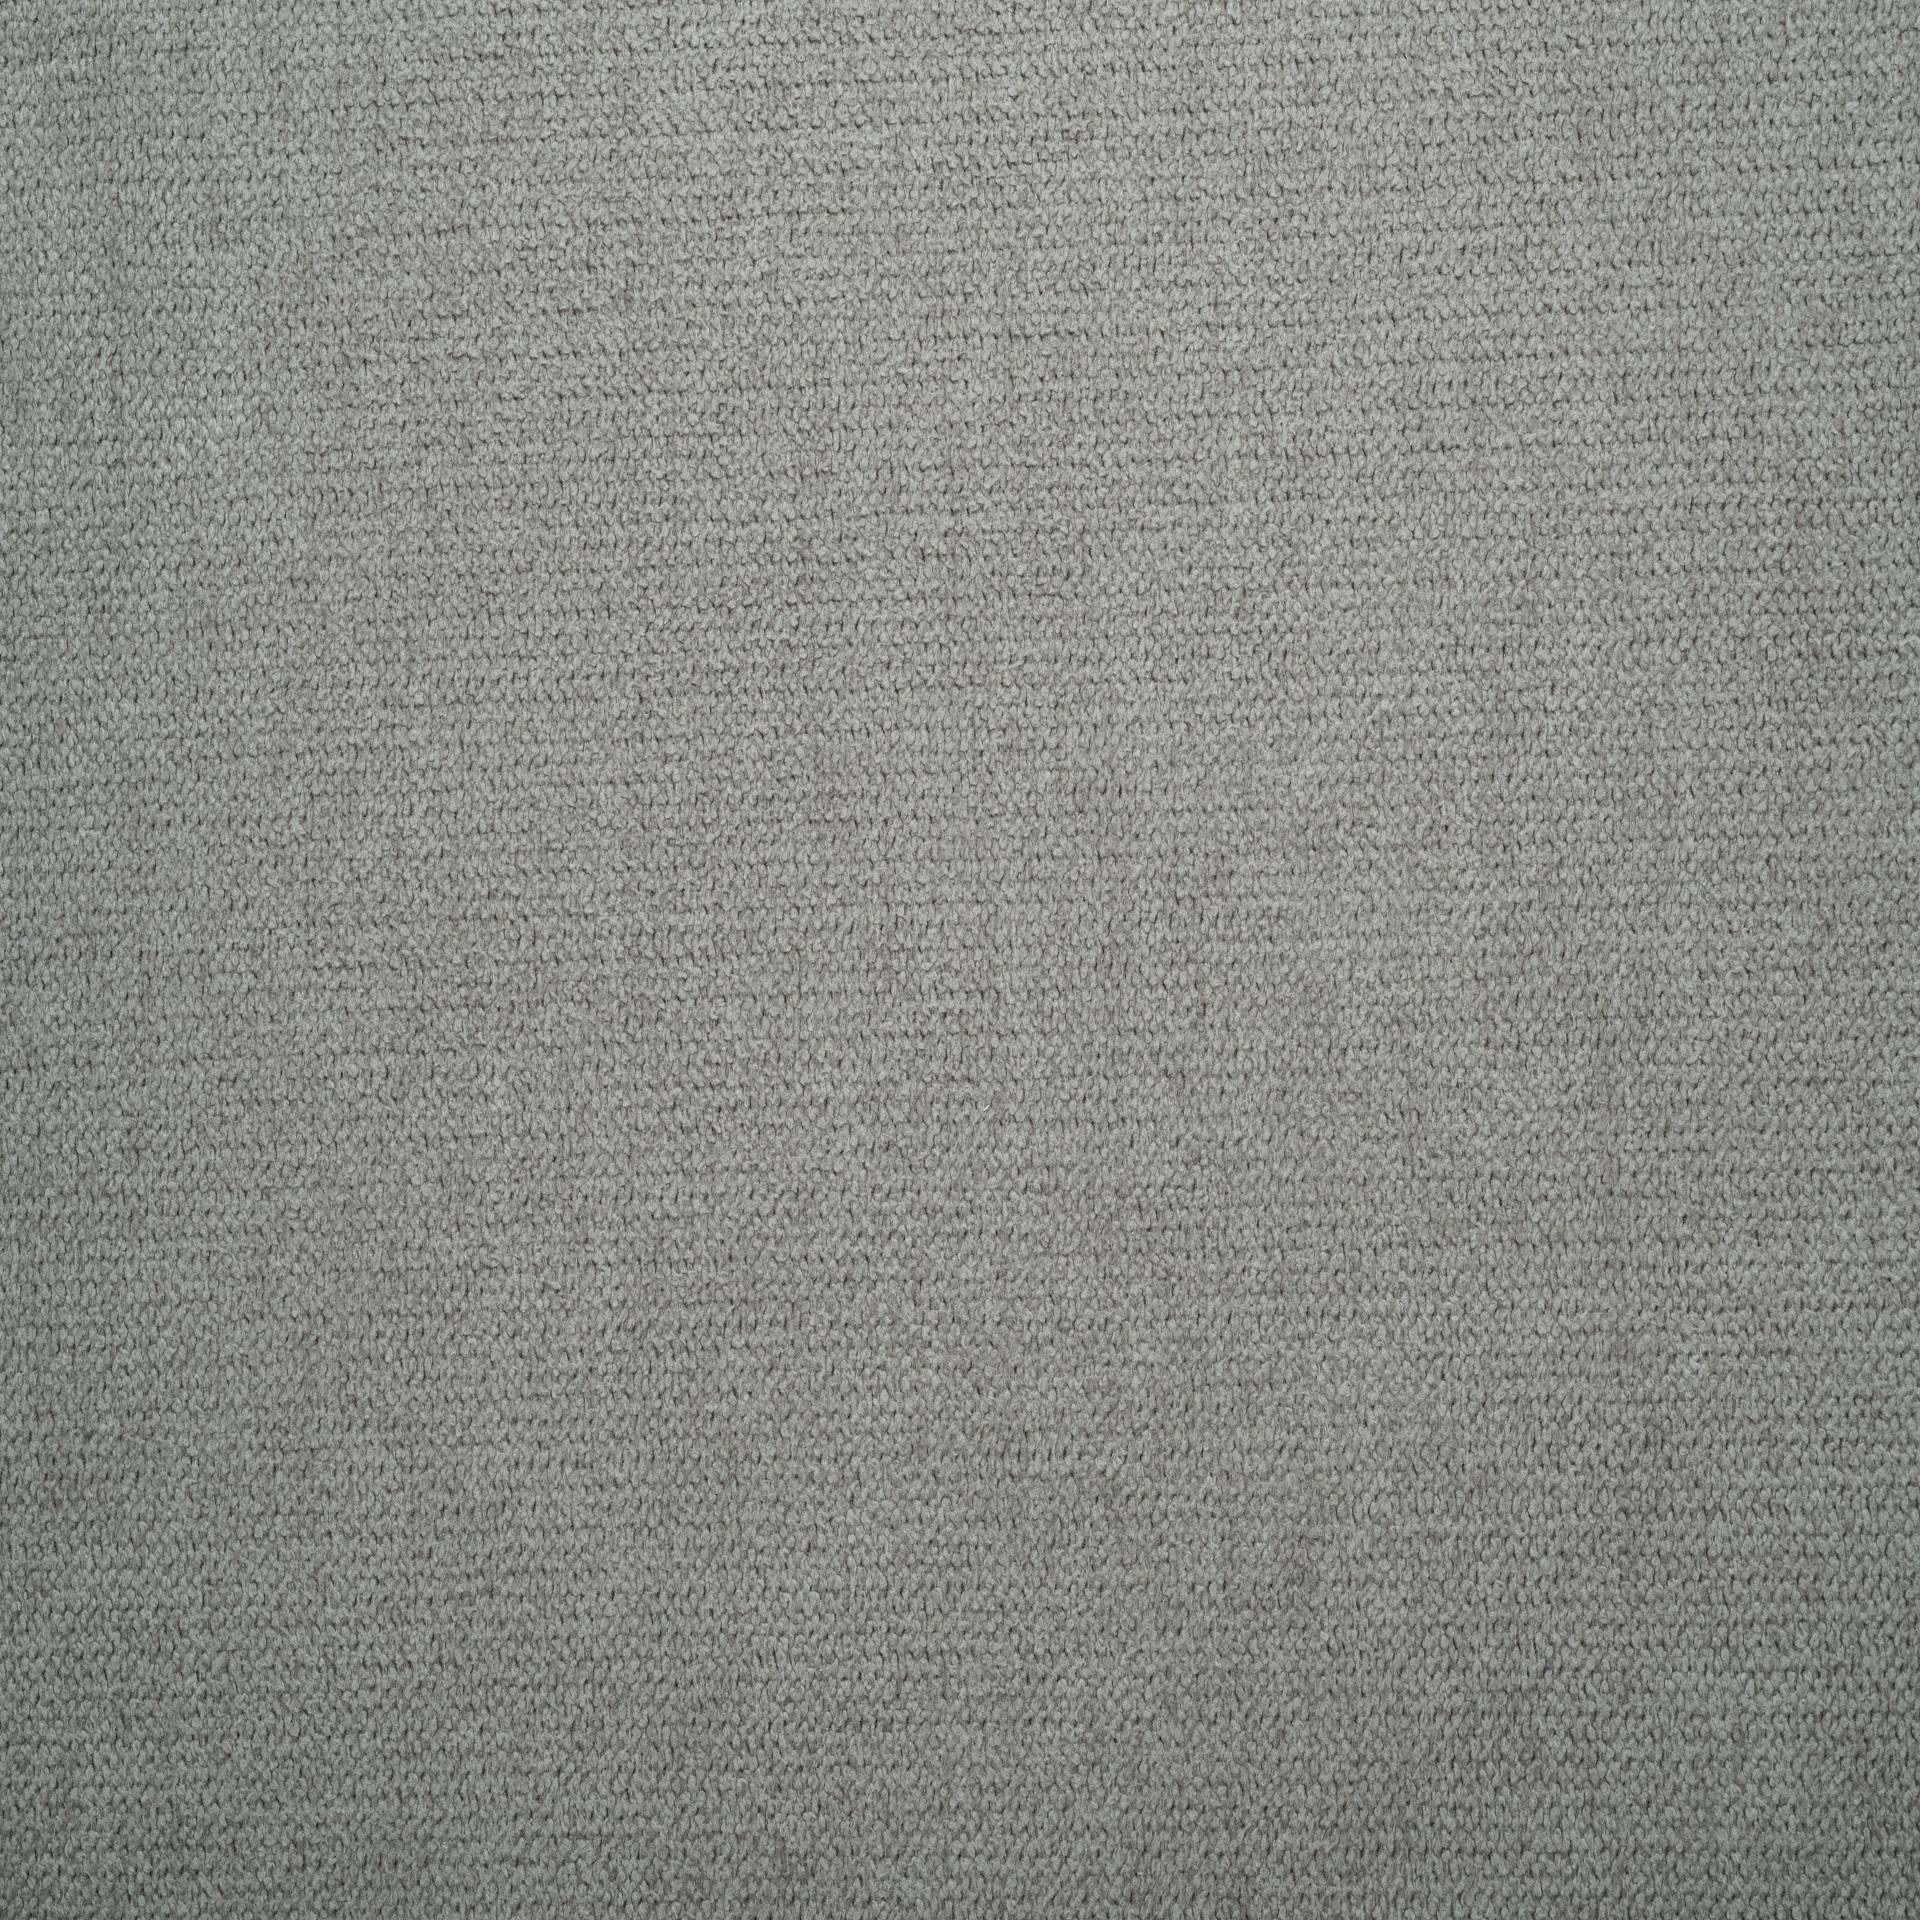 Коллекция ткани Аляска 23,  купить ткань Жаккард для мебели Украина